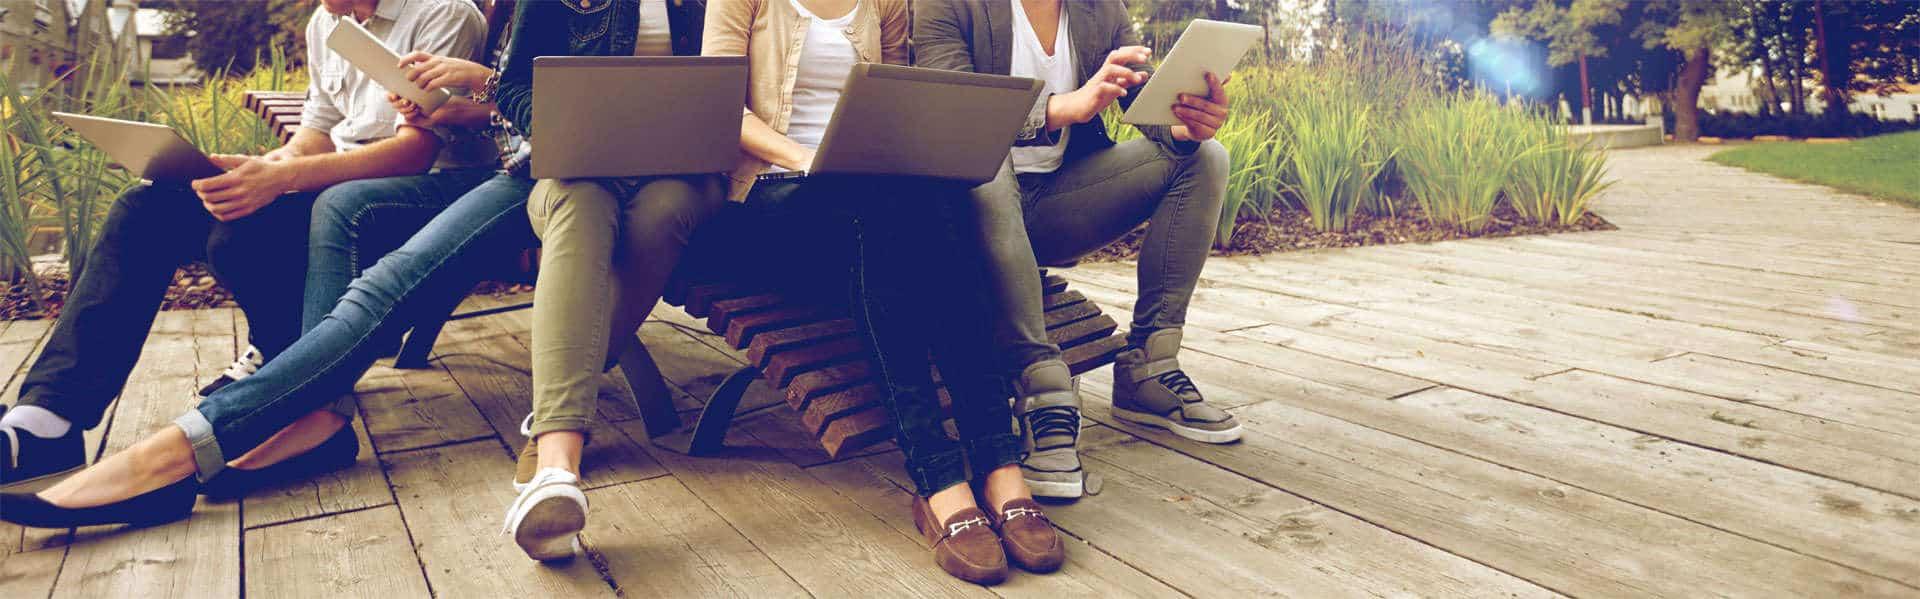 Bildungskompass - auf der Suche nach neuen Teilnehmern oder Studenten?